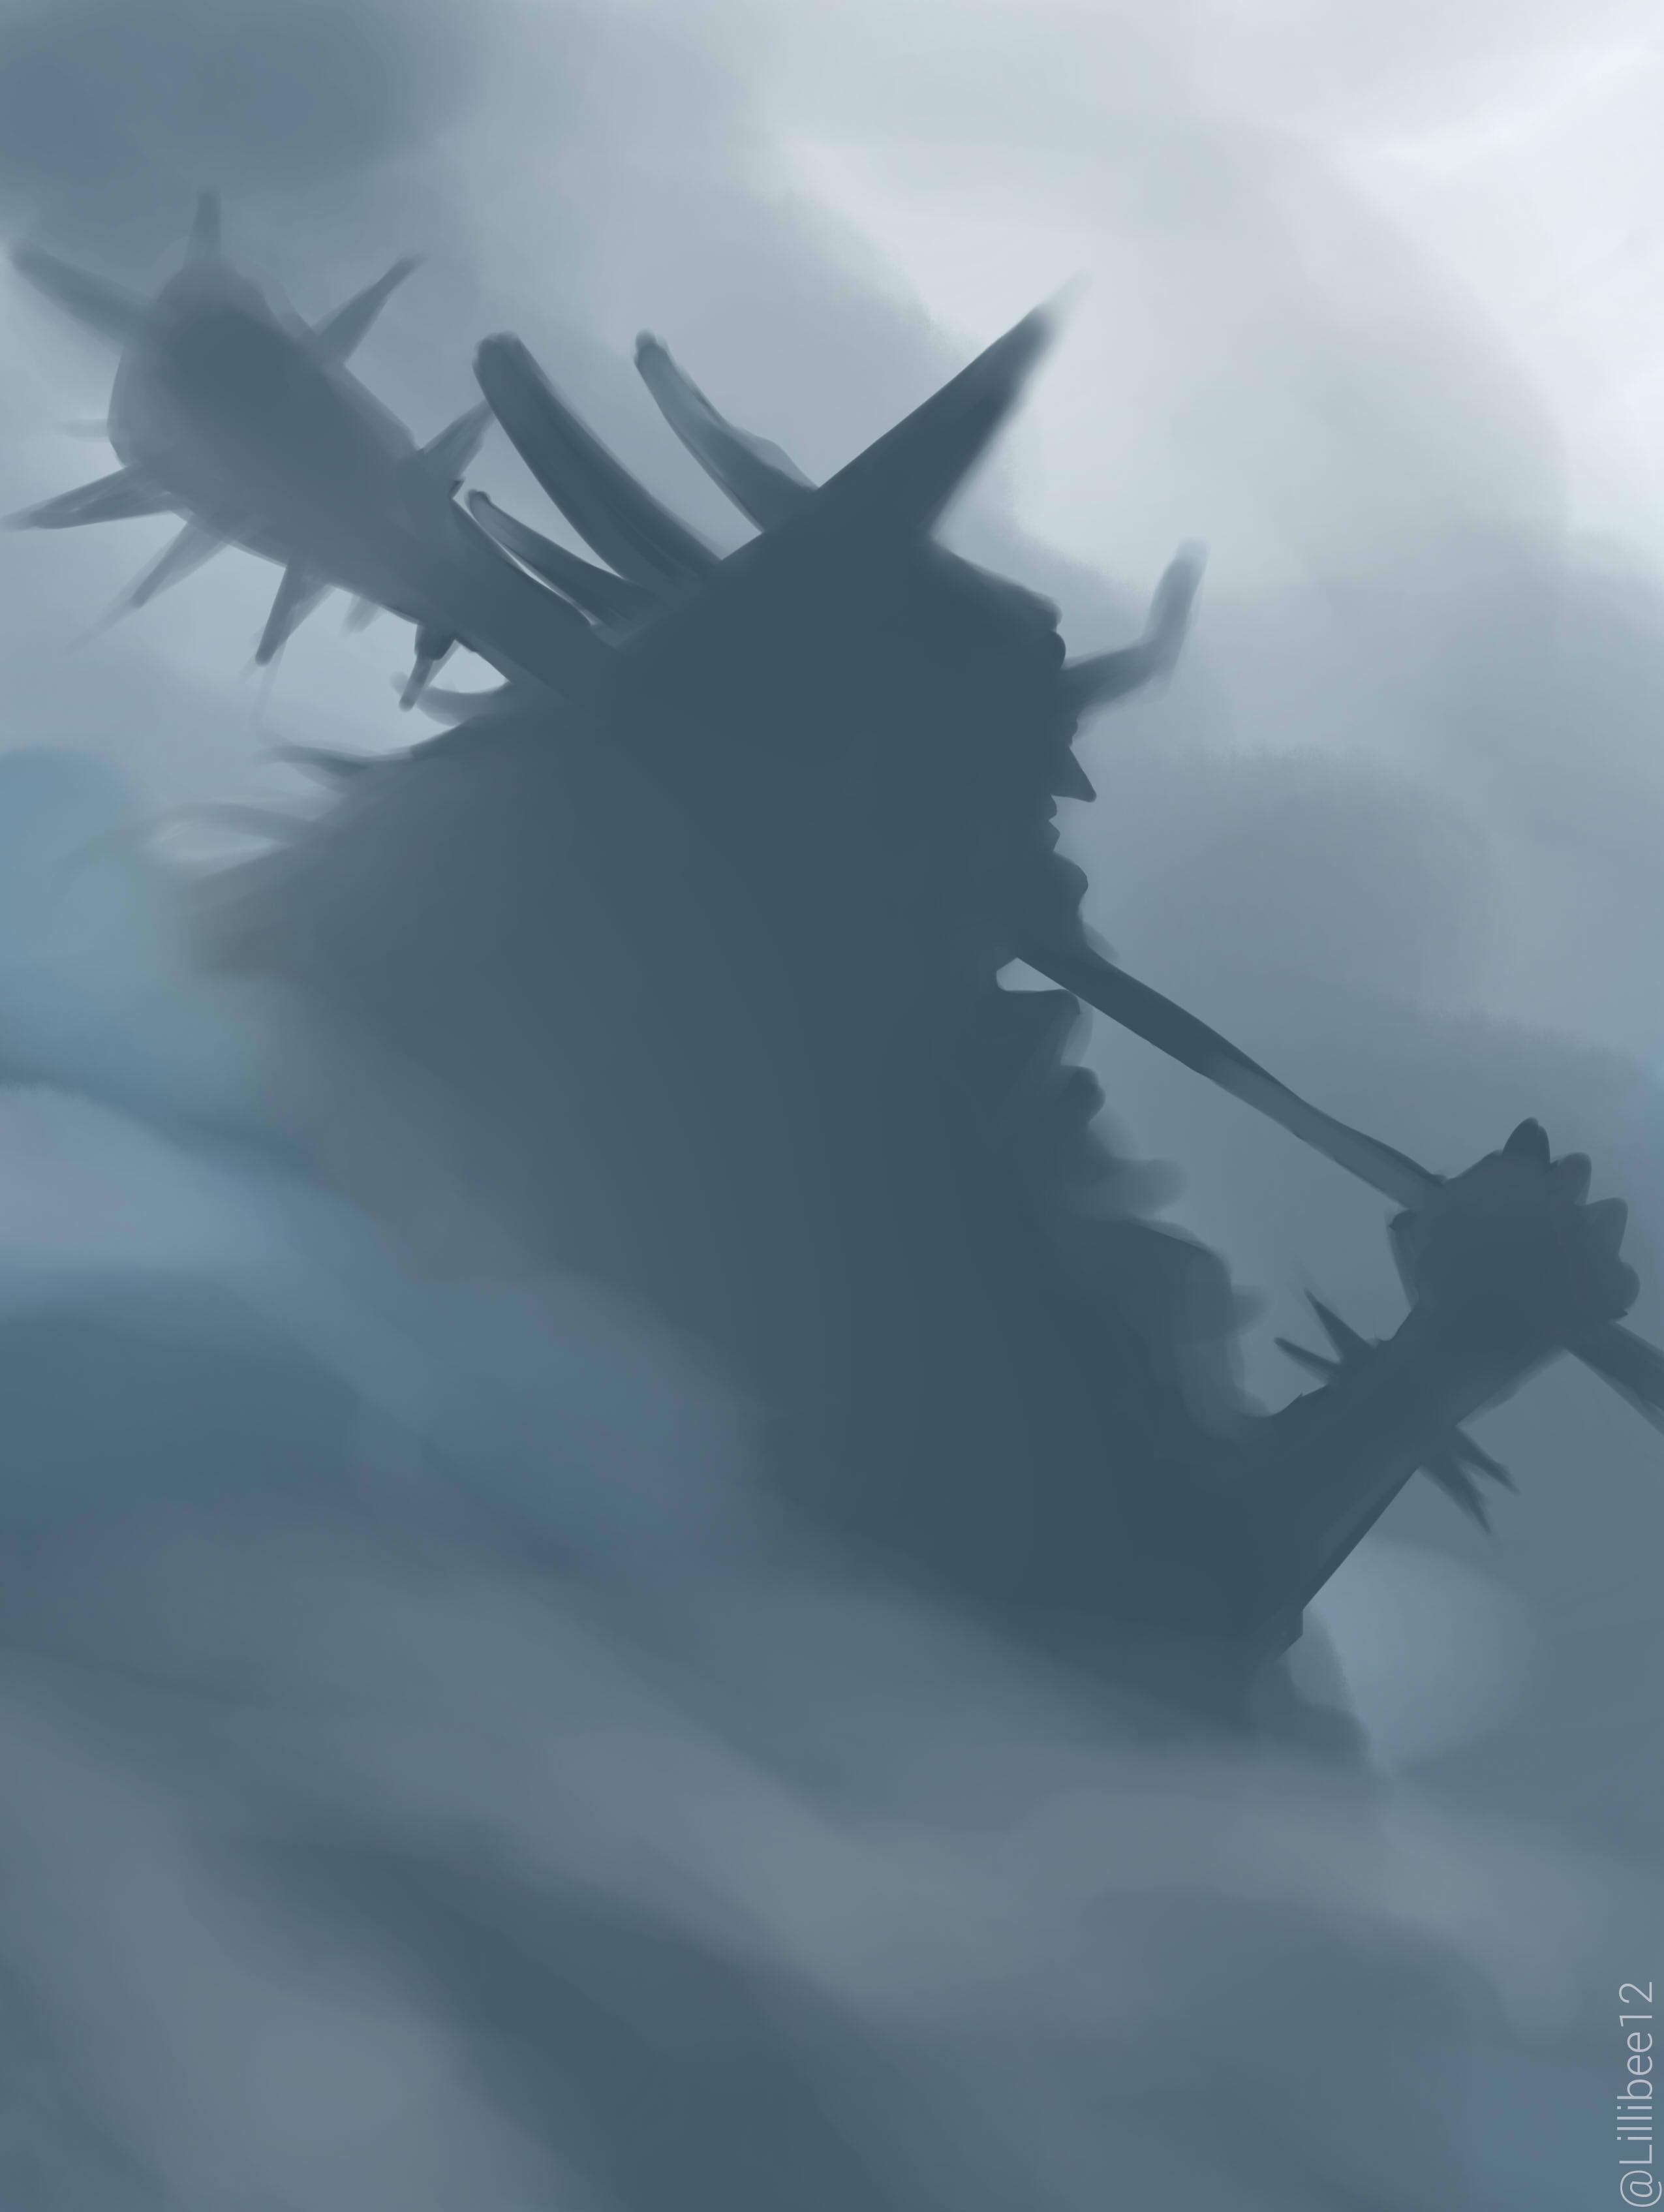 Luffy akan menggunakan gear 5 dalam pertarungan melawan kaido dan big mama. Oda Konfirmasi Kemunculan Gear 5 Luffy Greenscene